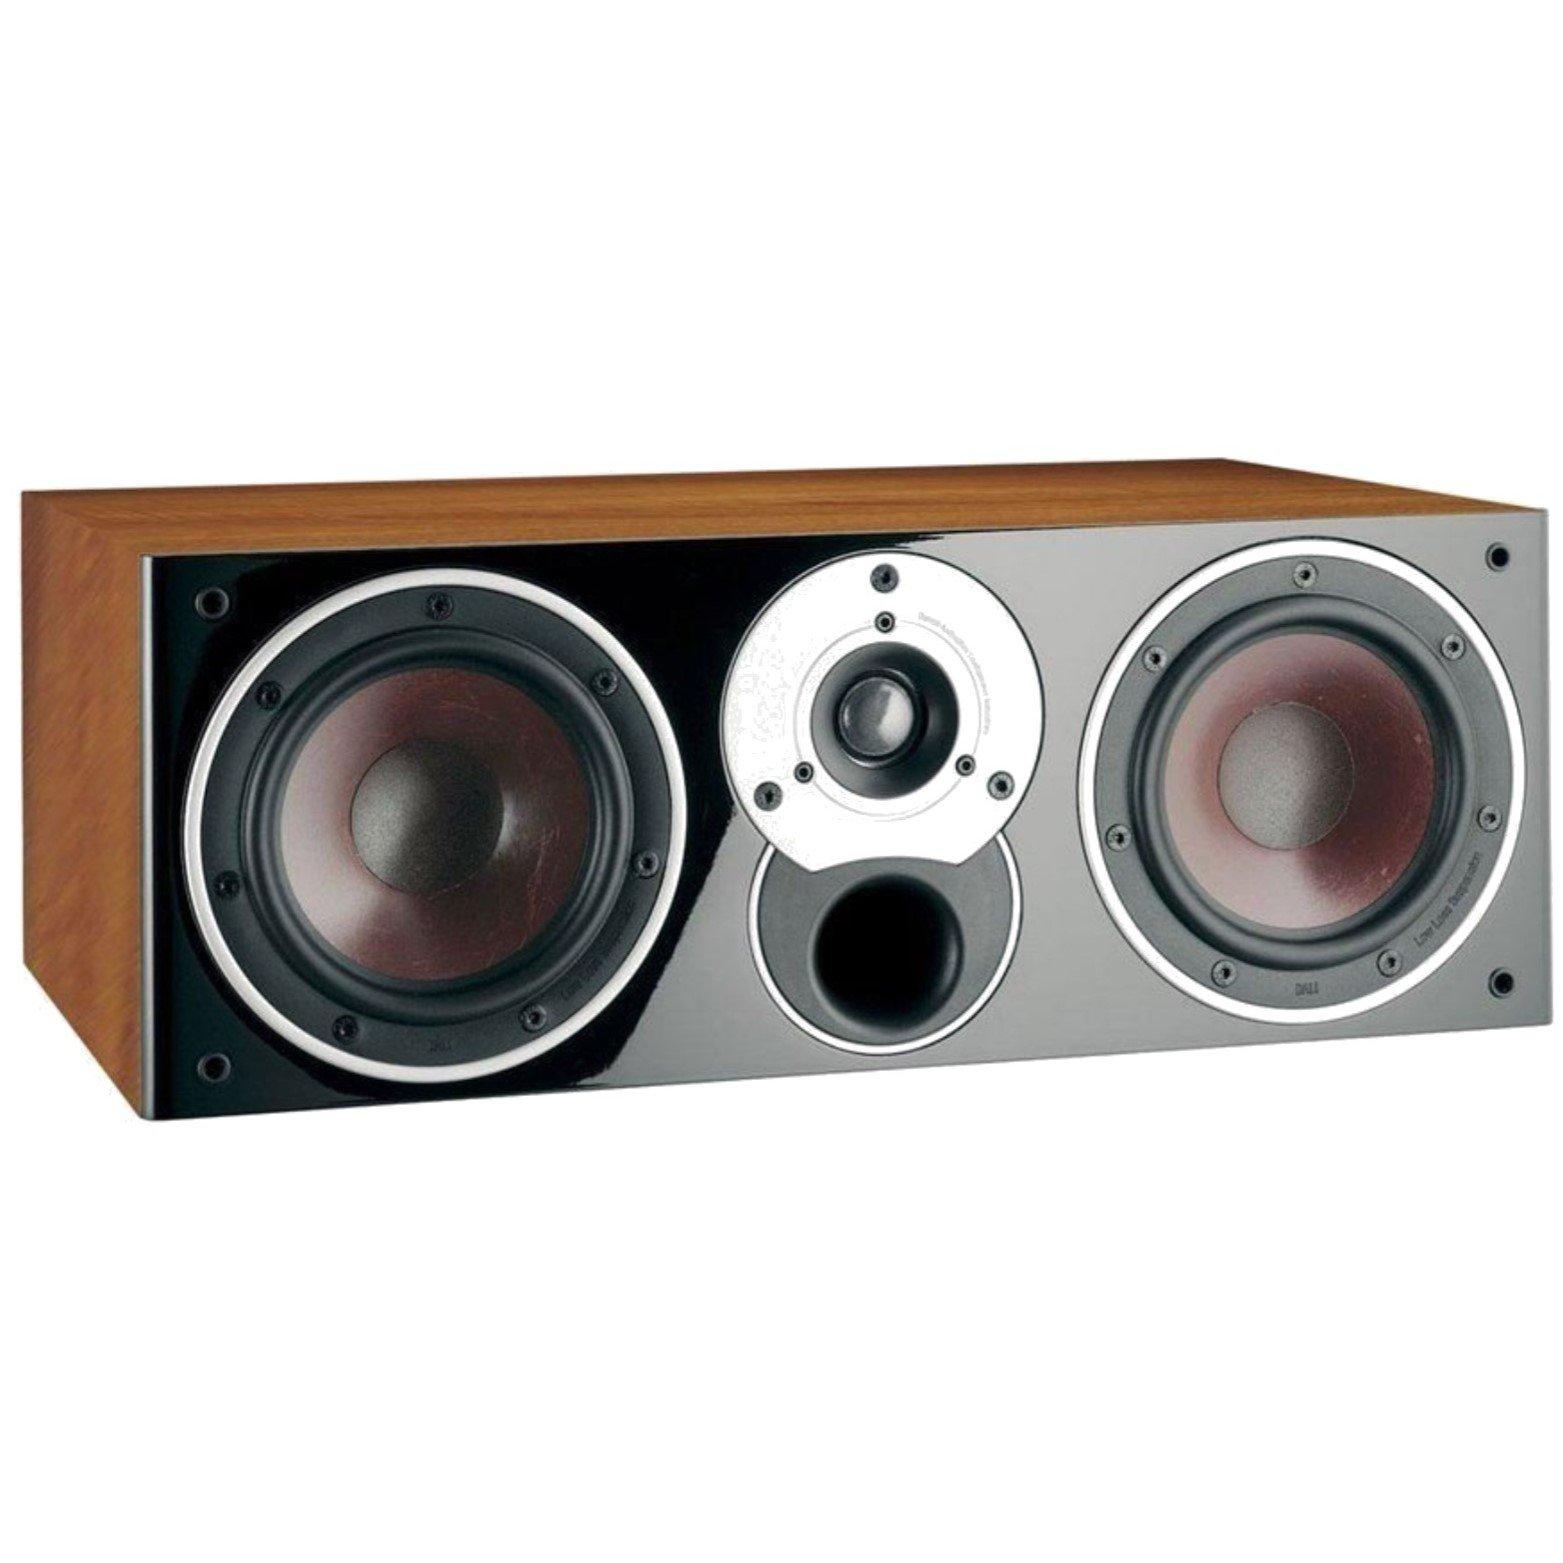 DALI - ZENSOR VOKAL - Center Speaker in Light Walnut by Dali